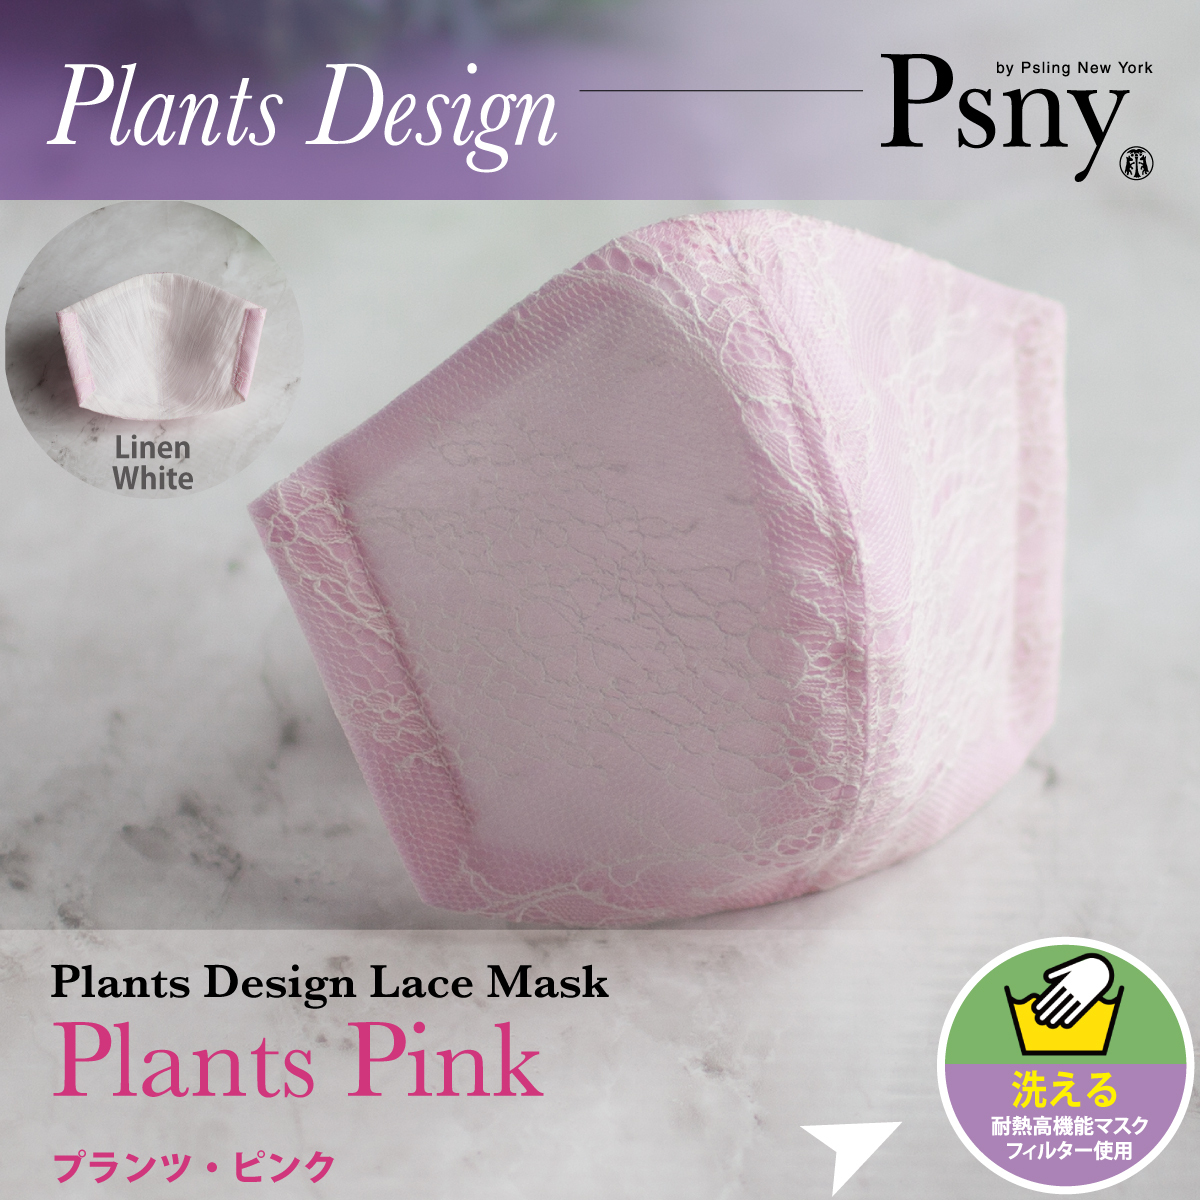 PSNY プランツ・レース・ピンク 花粉 黄砂 洗えるフィルター入り 立体 マスク 大人用 送料無料